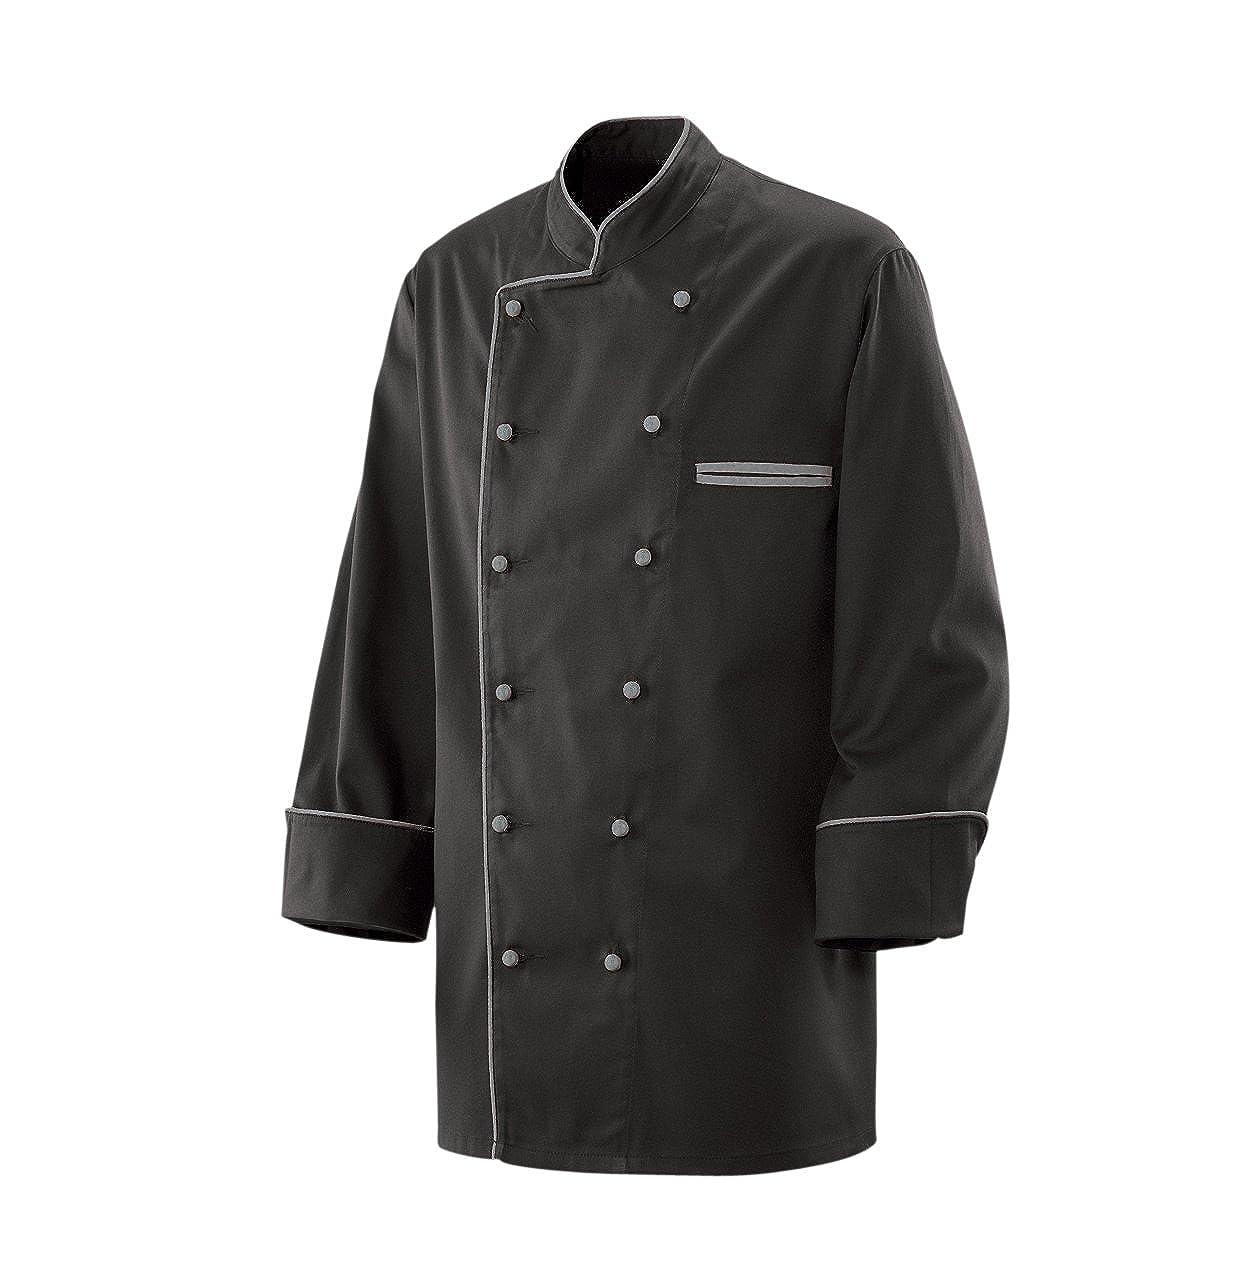 Kochjacke Bäckerjacke Jacke Langarm Schwarz mit Silber grauem Paspel 35% Baumwolle, 65% Polyester 220gr.